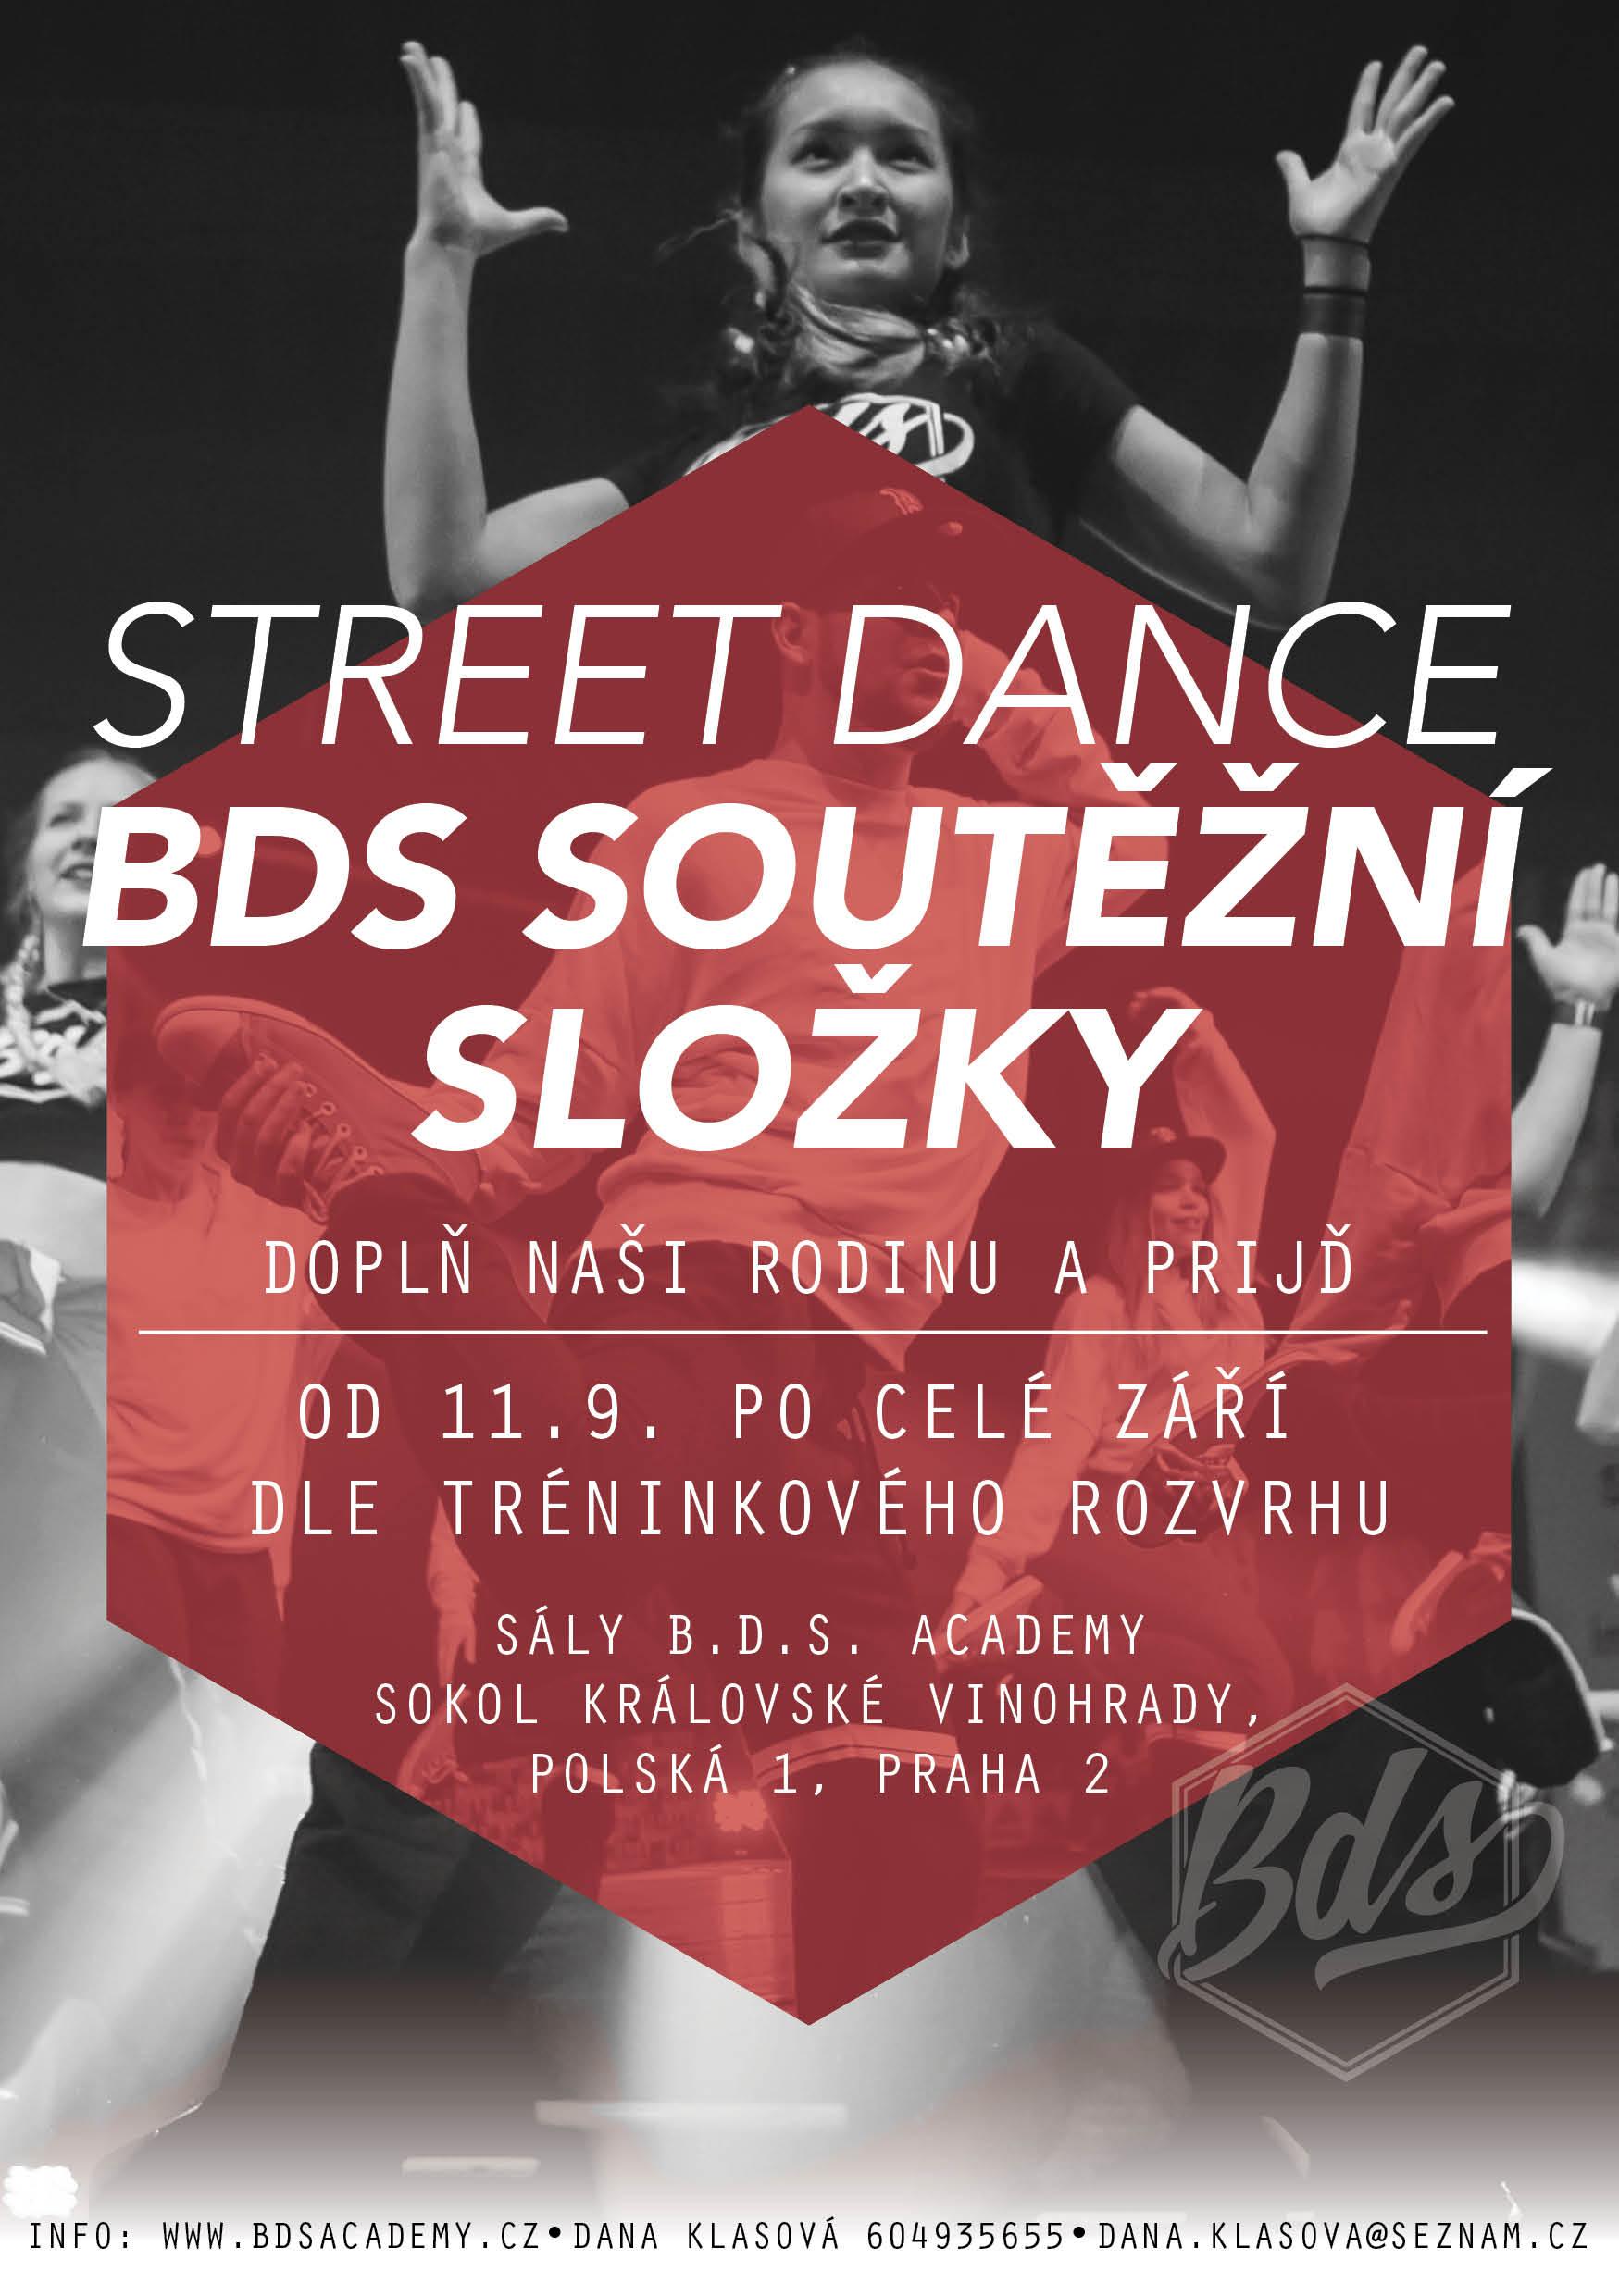 BDS_SOUTEZNI